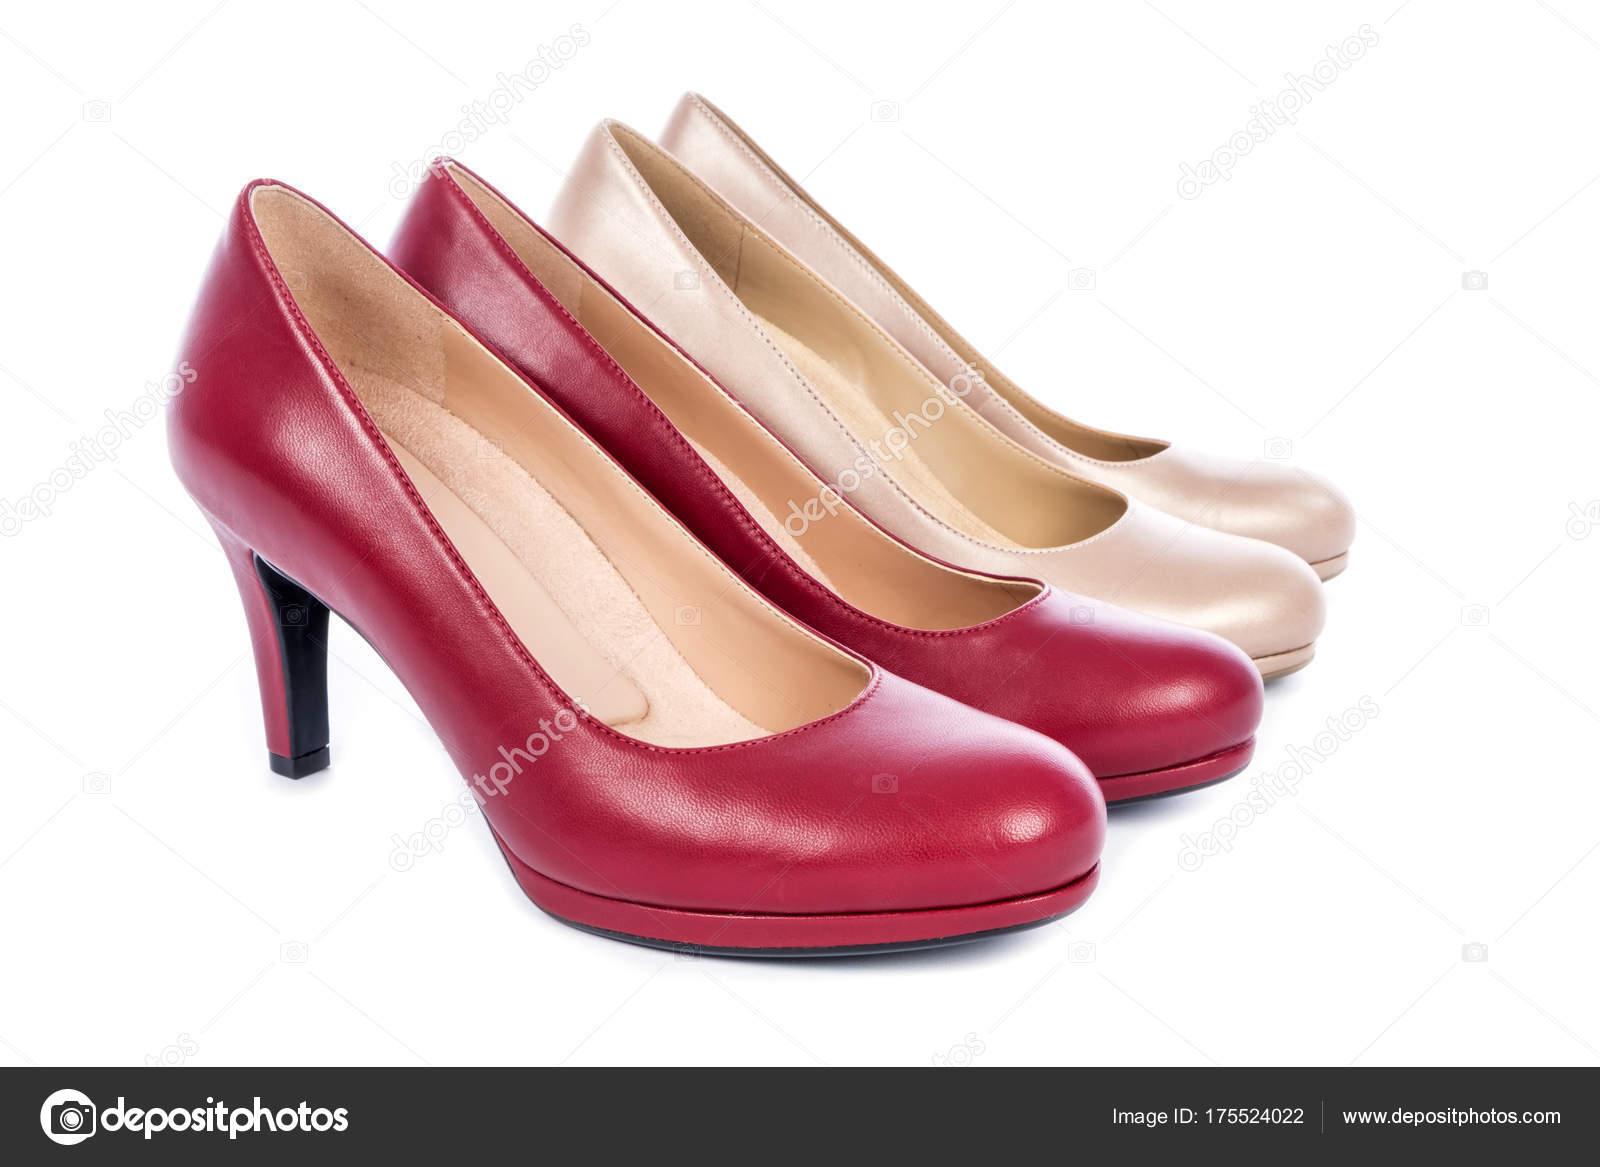 Moda — Dos Mujer Bomba Zapatos Aislados Pares Fotos Blanco Stock De Orrw0t